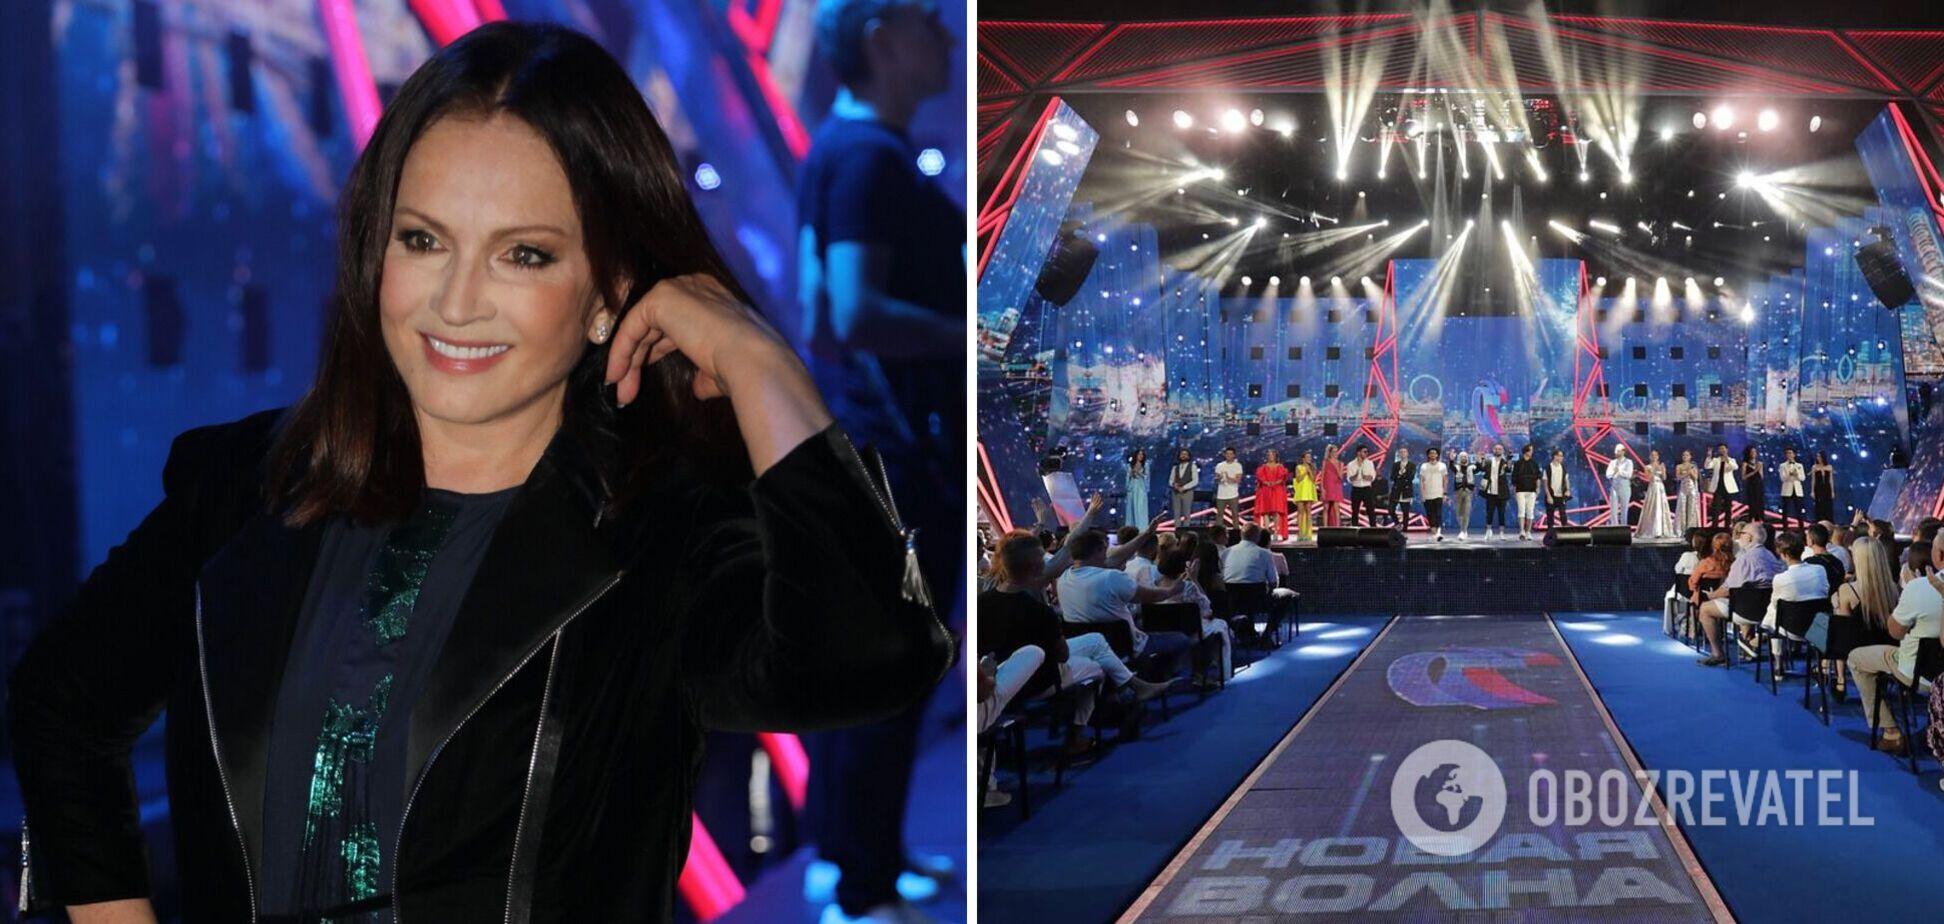 Софія Ротару виступила на конкурсі в Росії в ефектному вбранні. Фото і відео